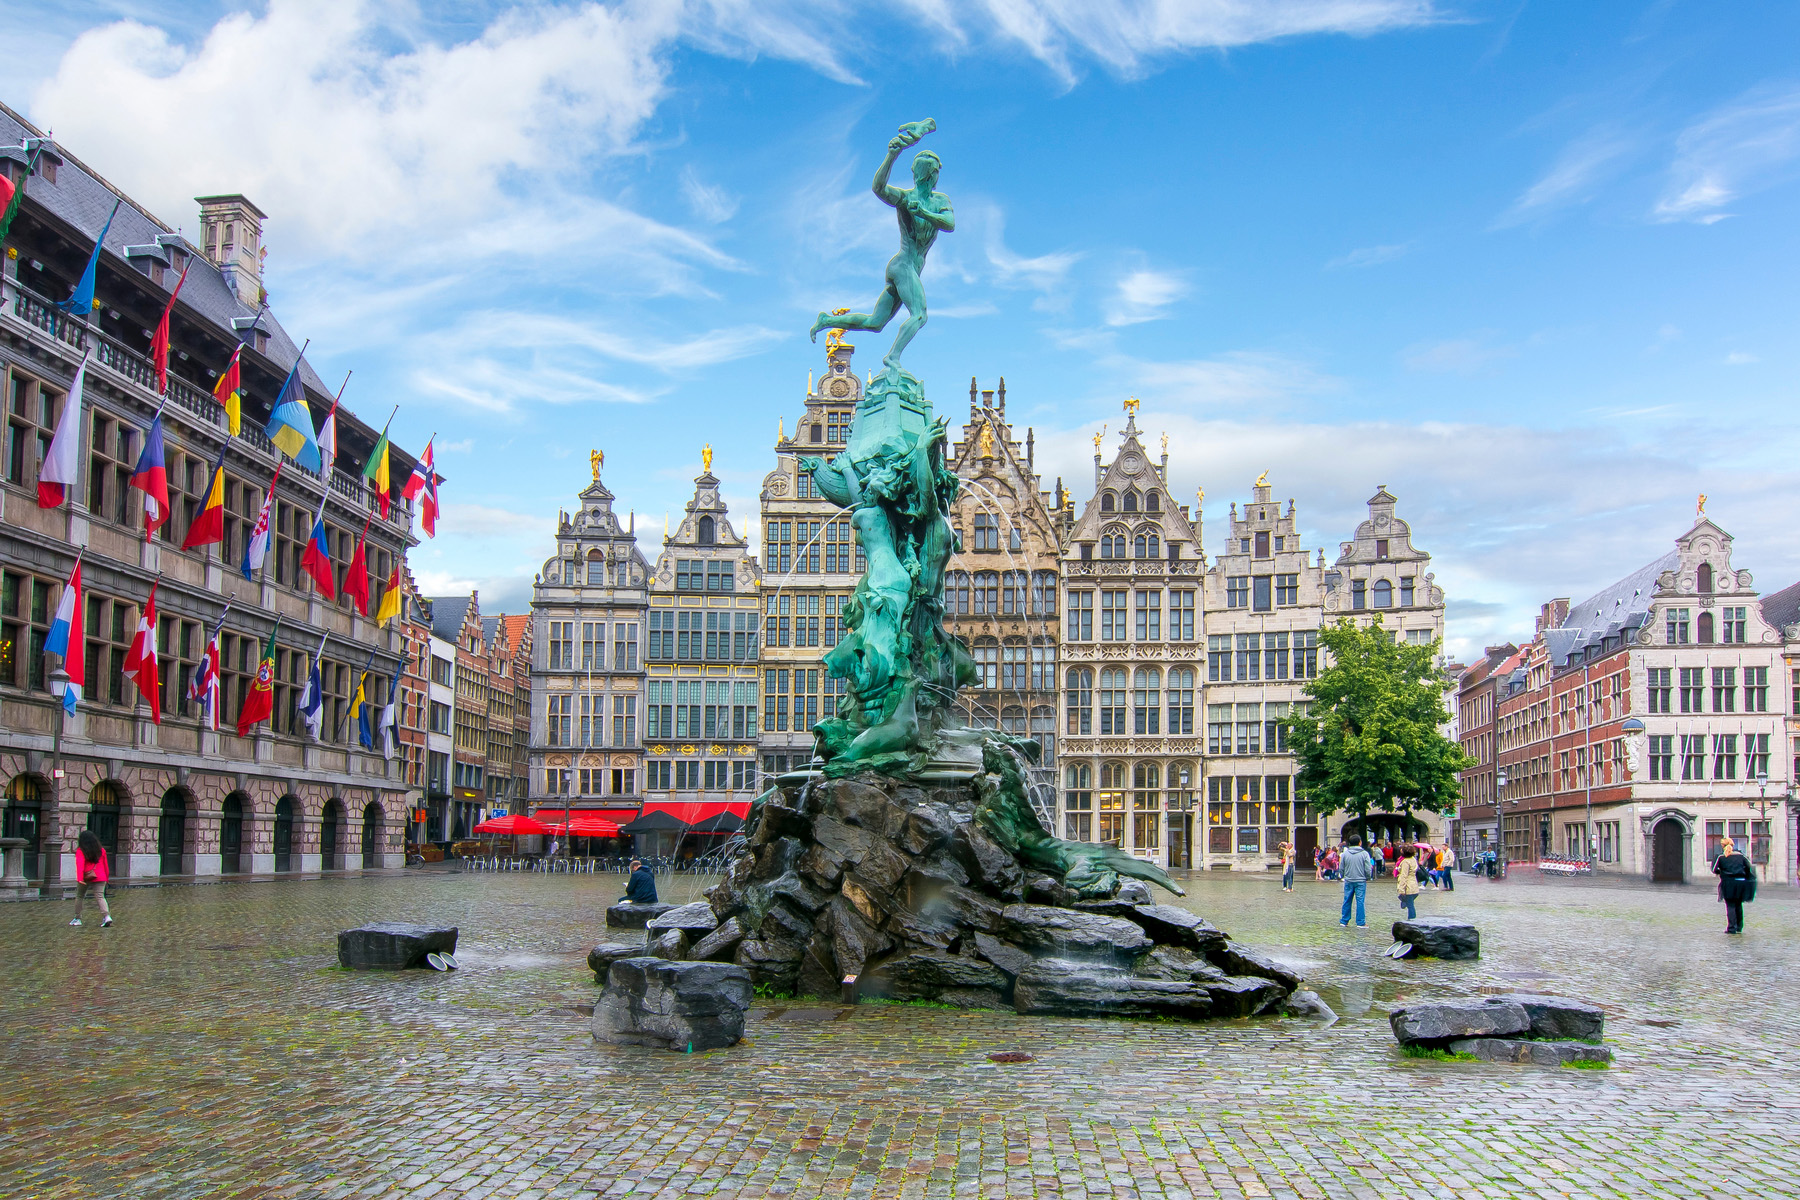 Grote Markt in Antwerp